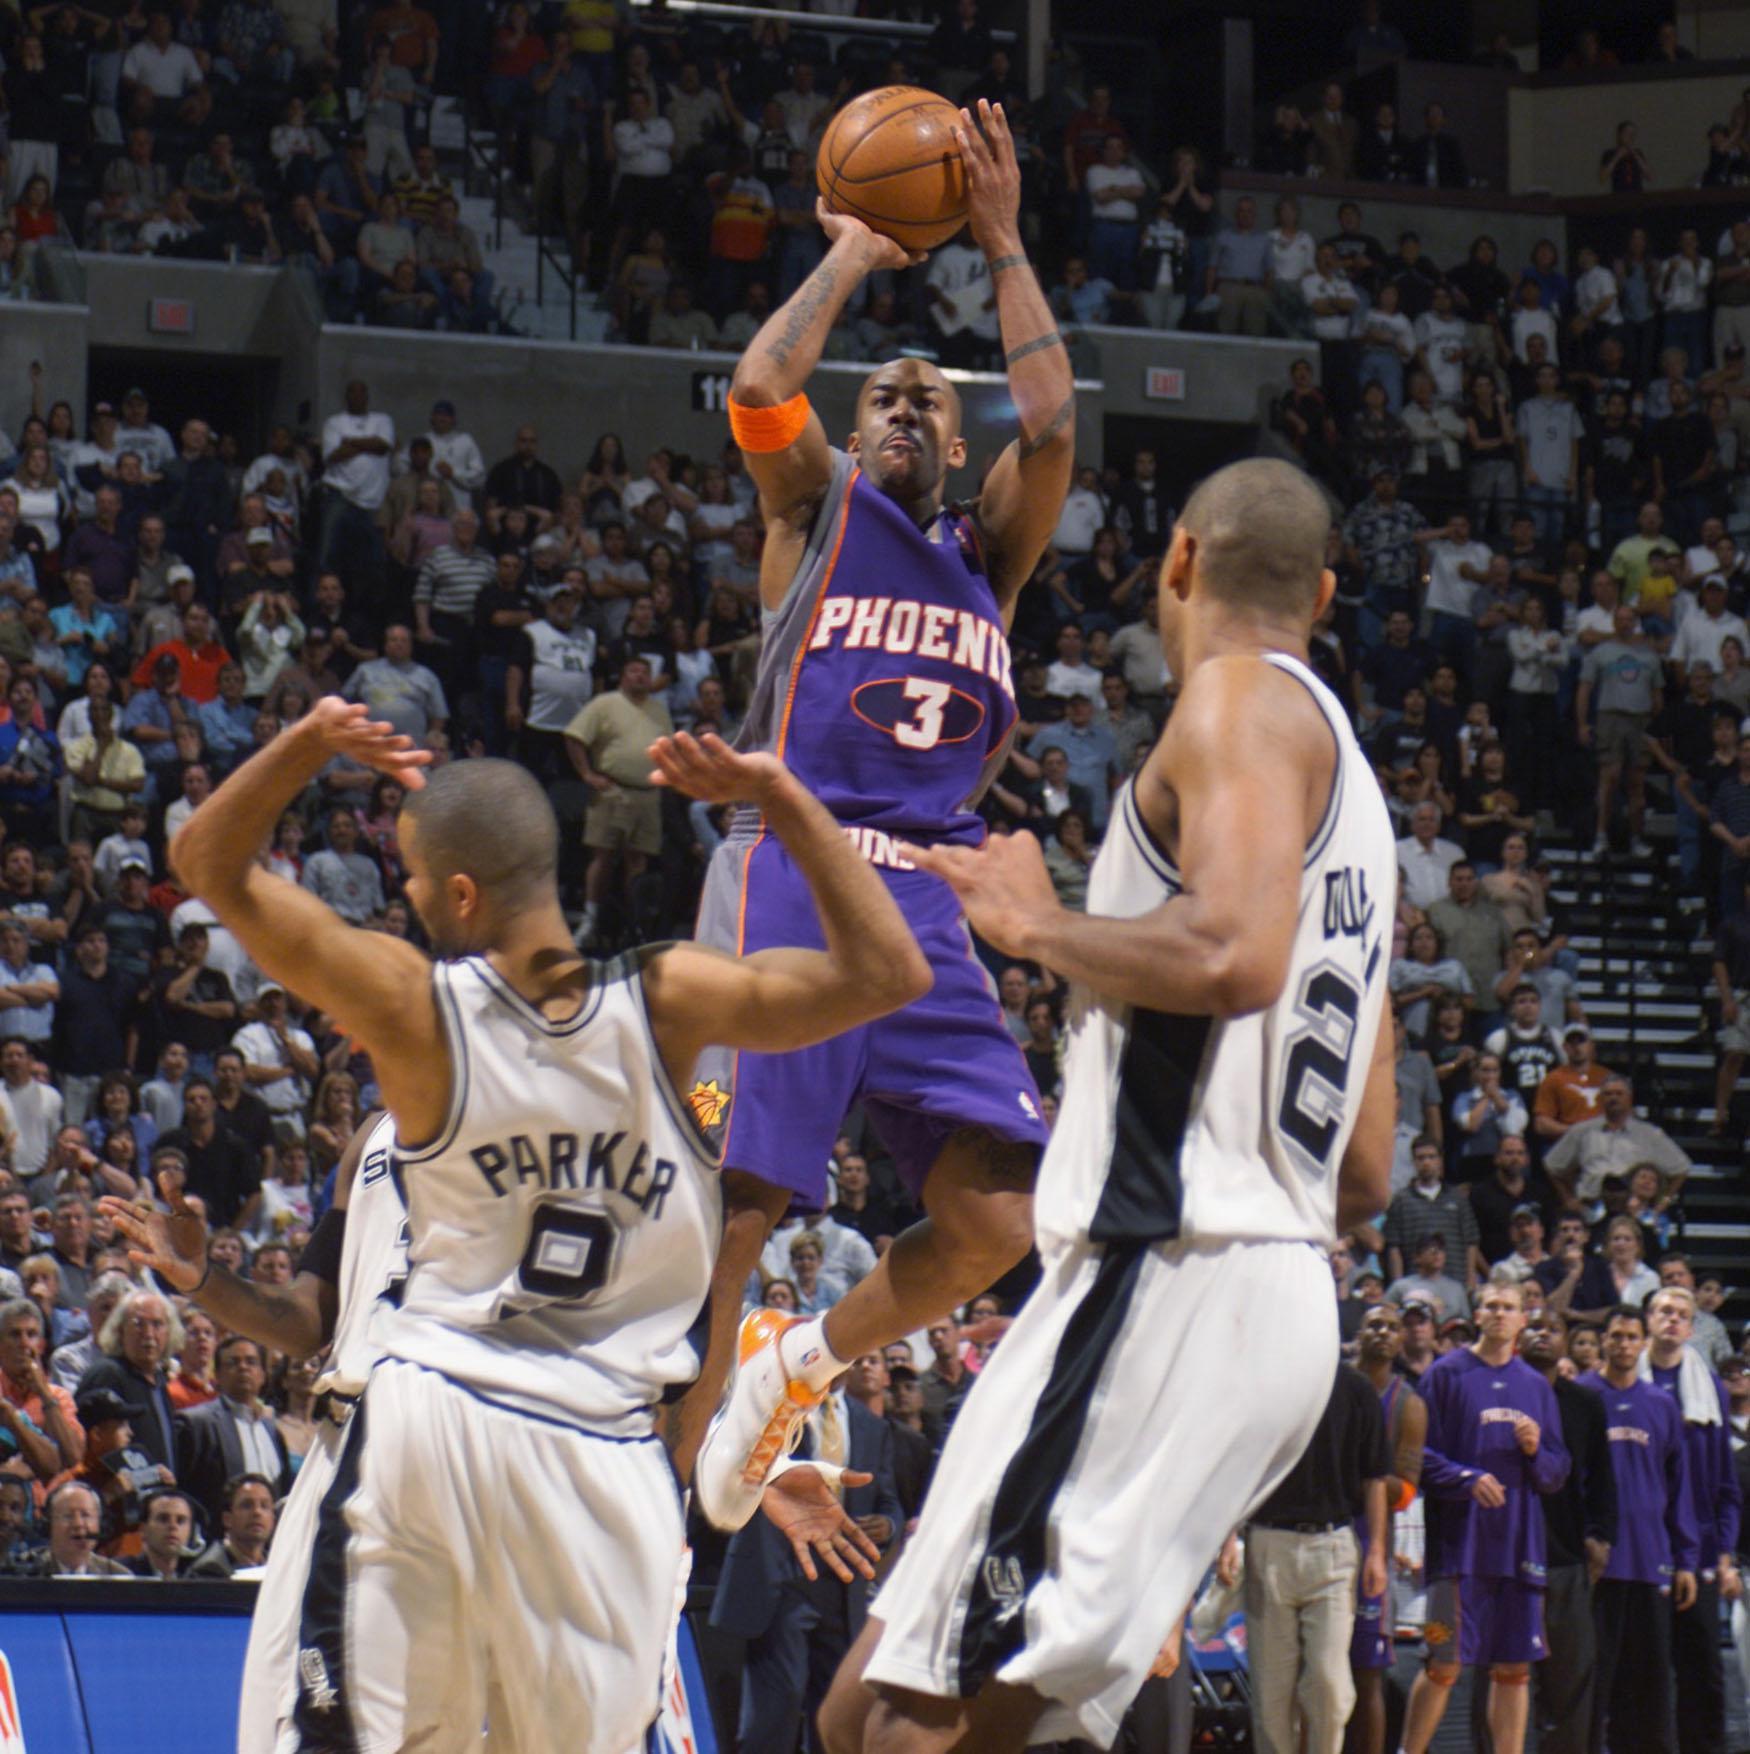 【轻考古】15年前NBA到底多看好姚明的未来?